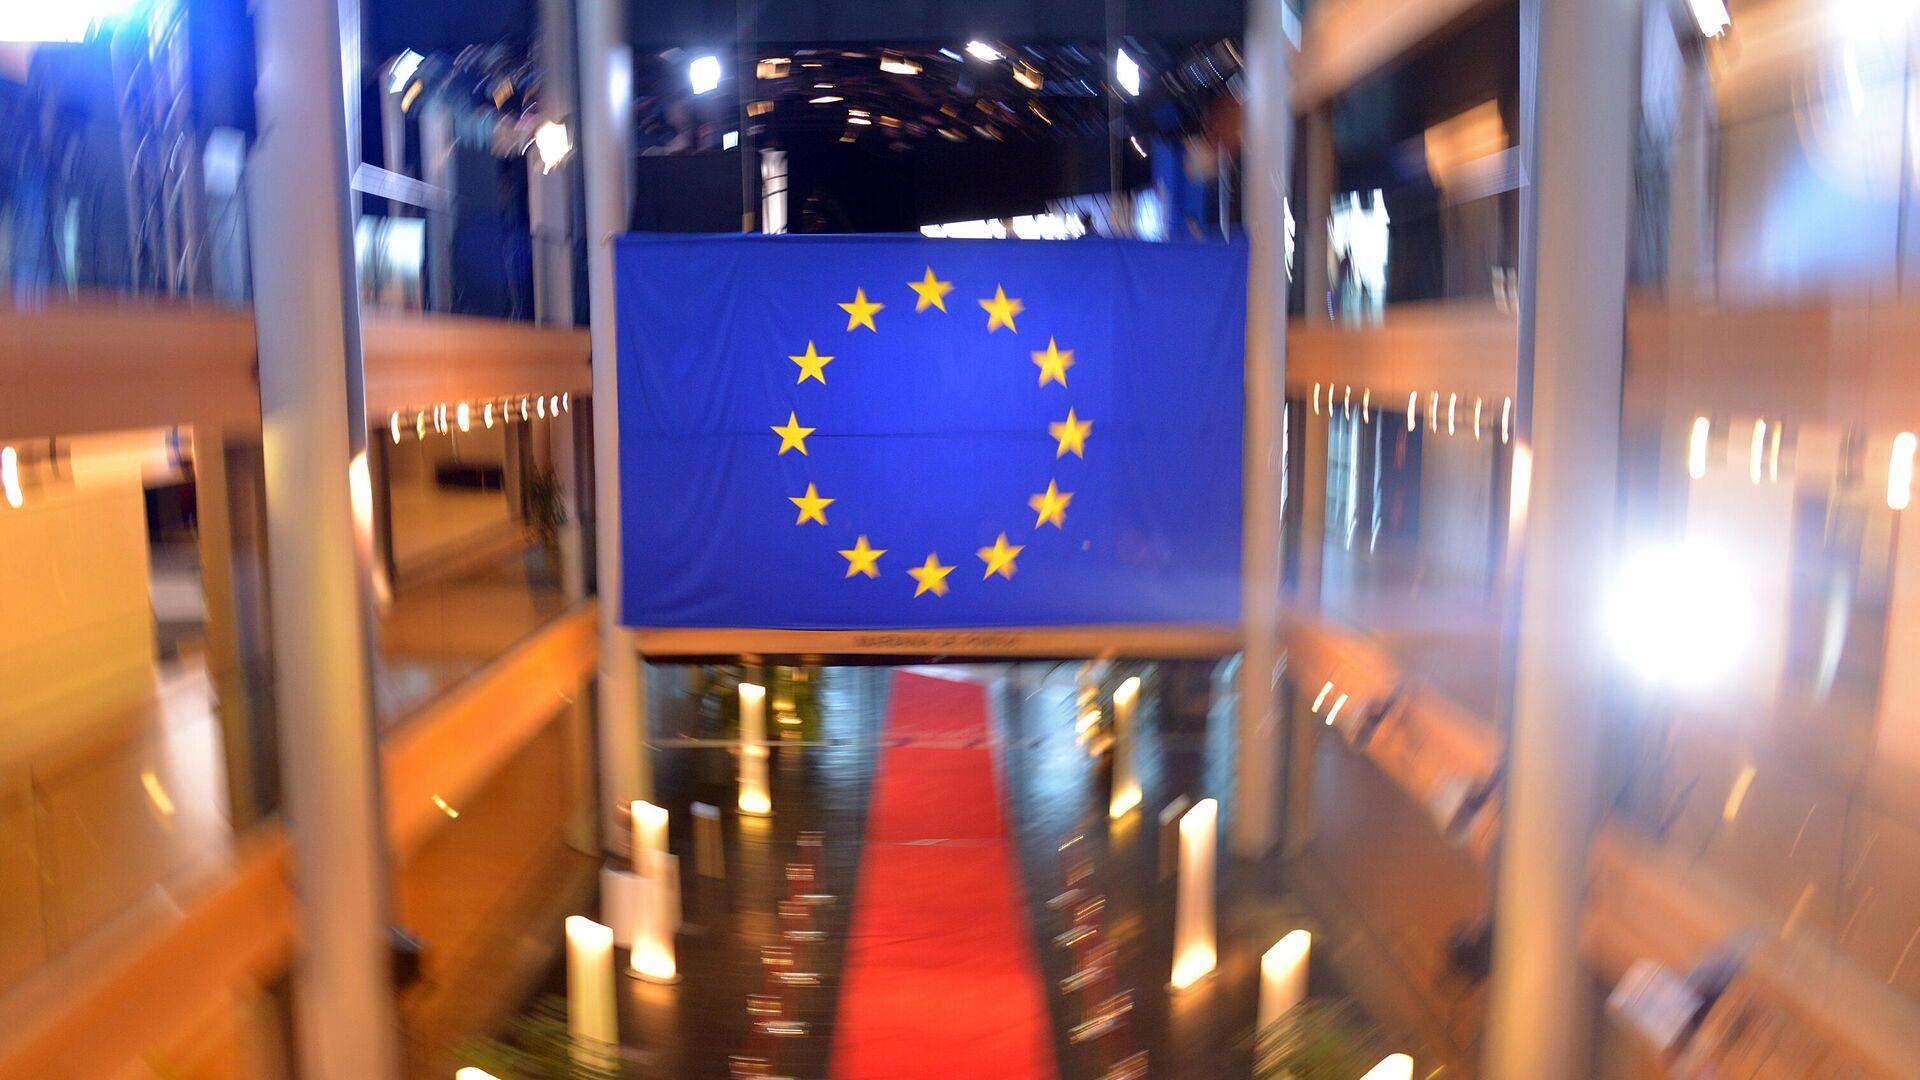 Флаг Евросоюза в главном здании Европейского парламента в Страсбурге - РИА Новости, 1920, 02.03.2021